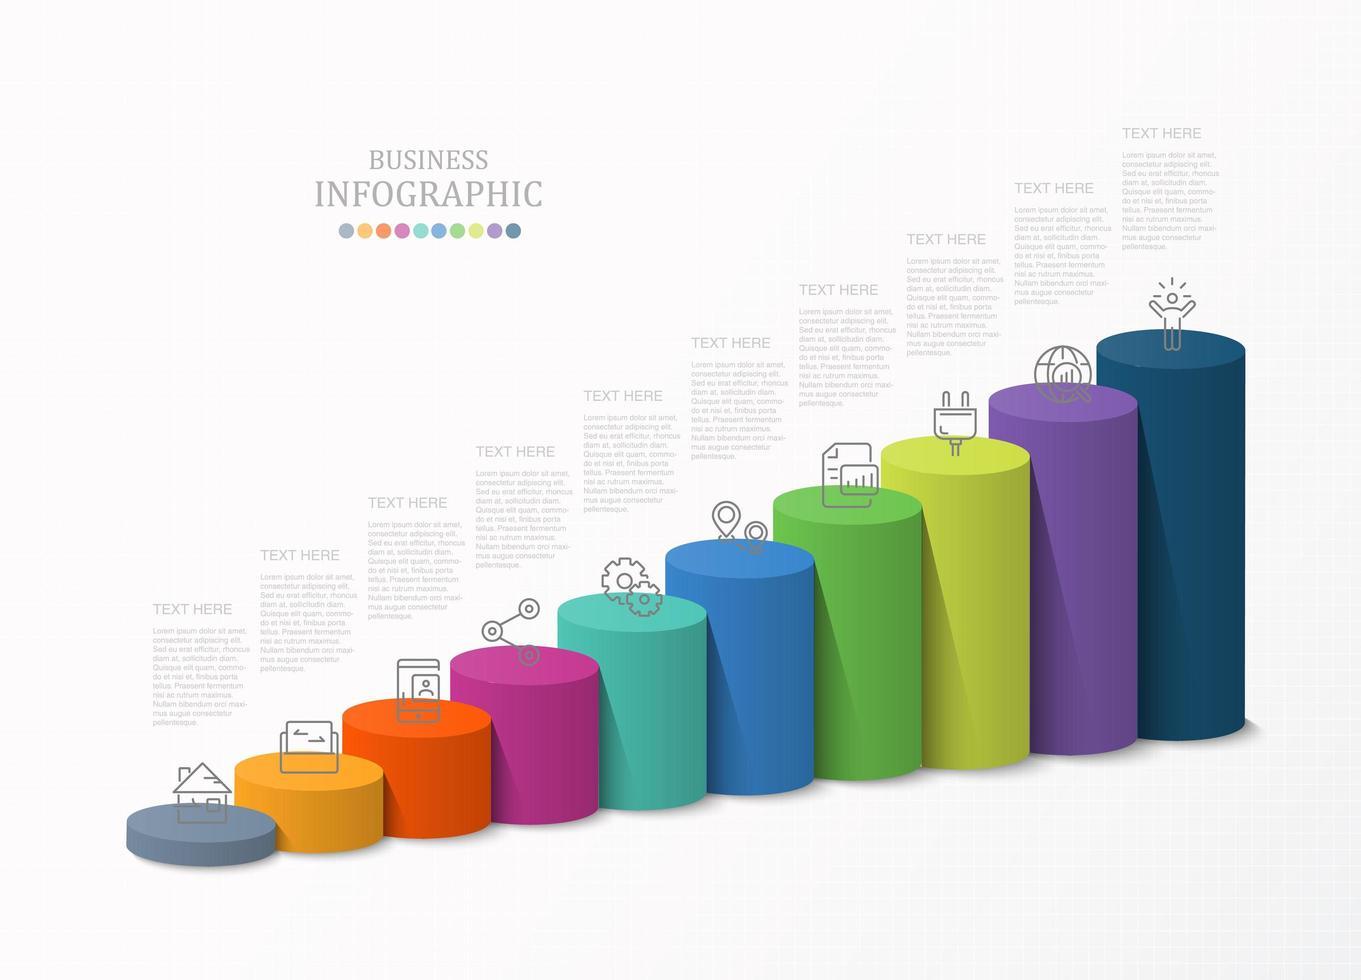 modèle d'infographie de cylindre 3d graphique à barres vecteur